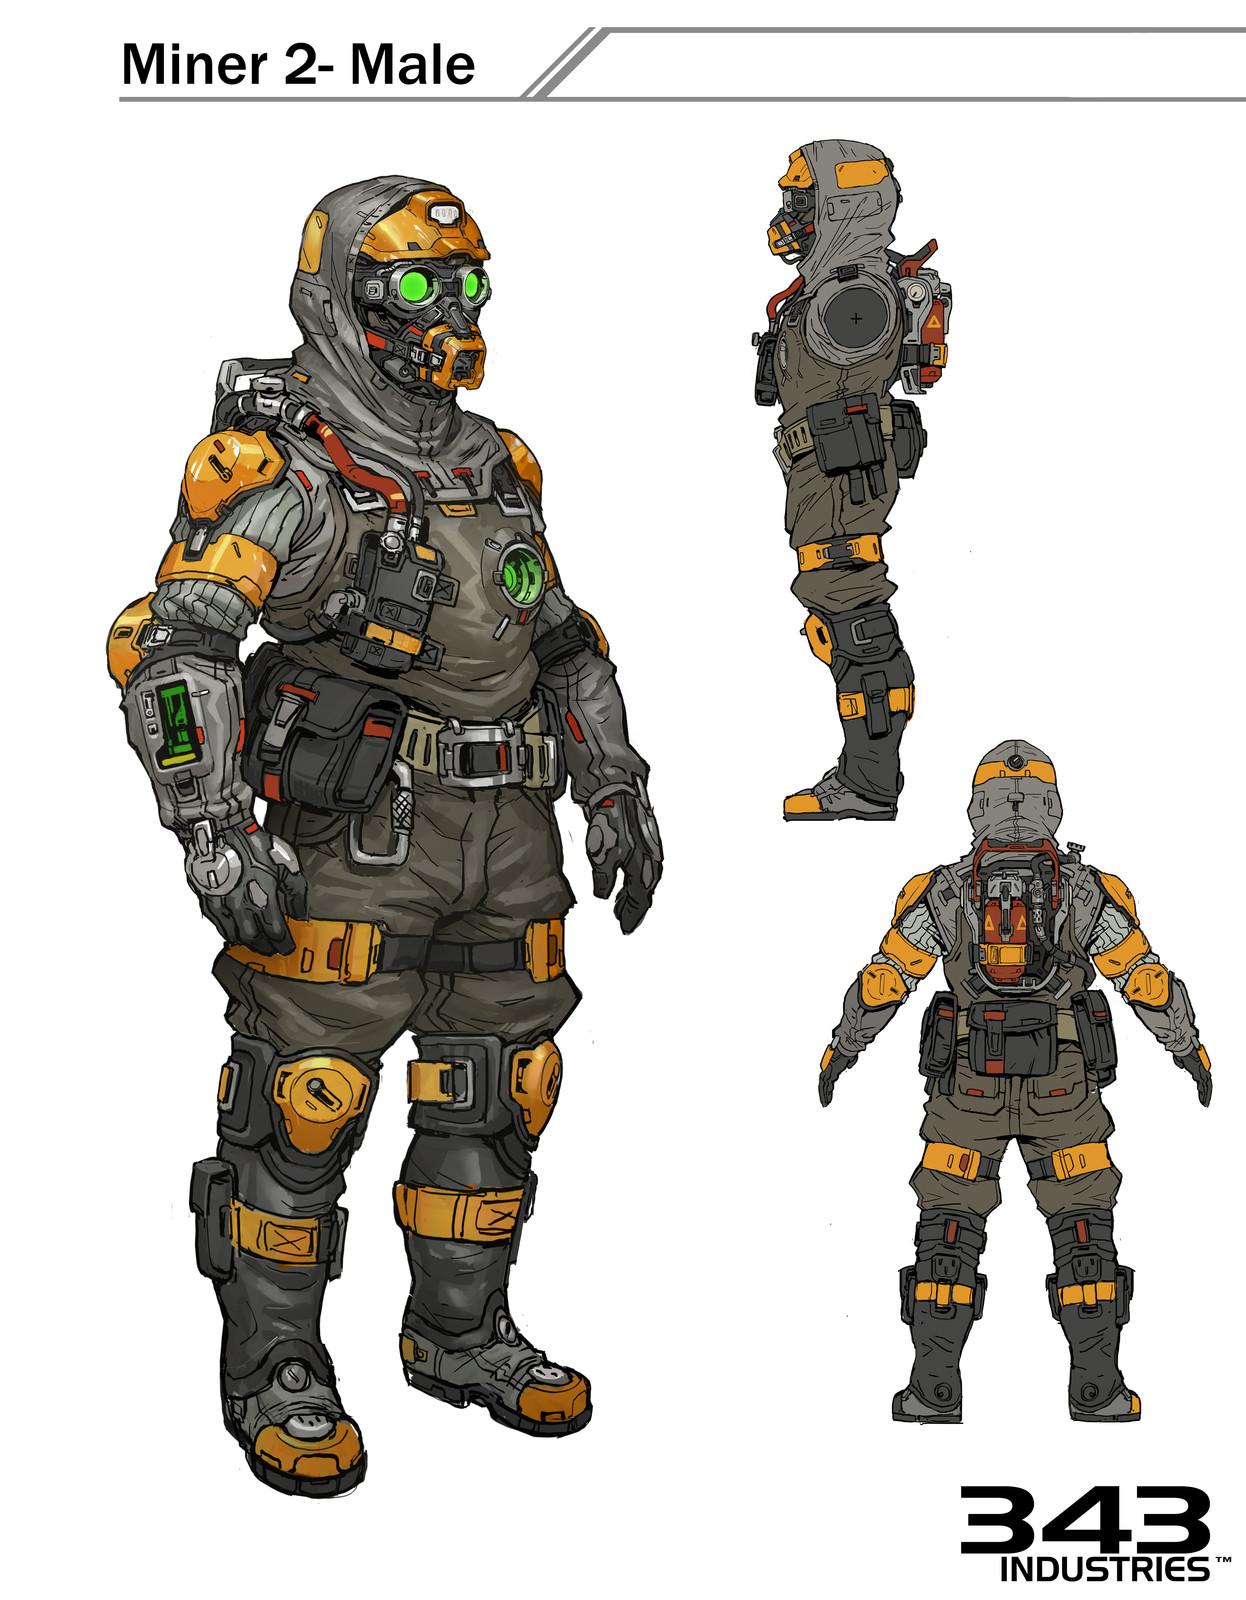 Halo 5- Meridian Miner 2